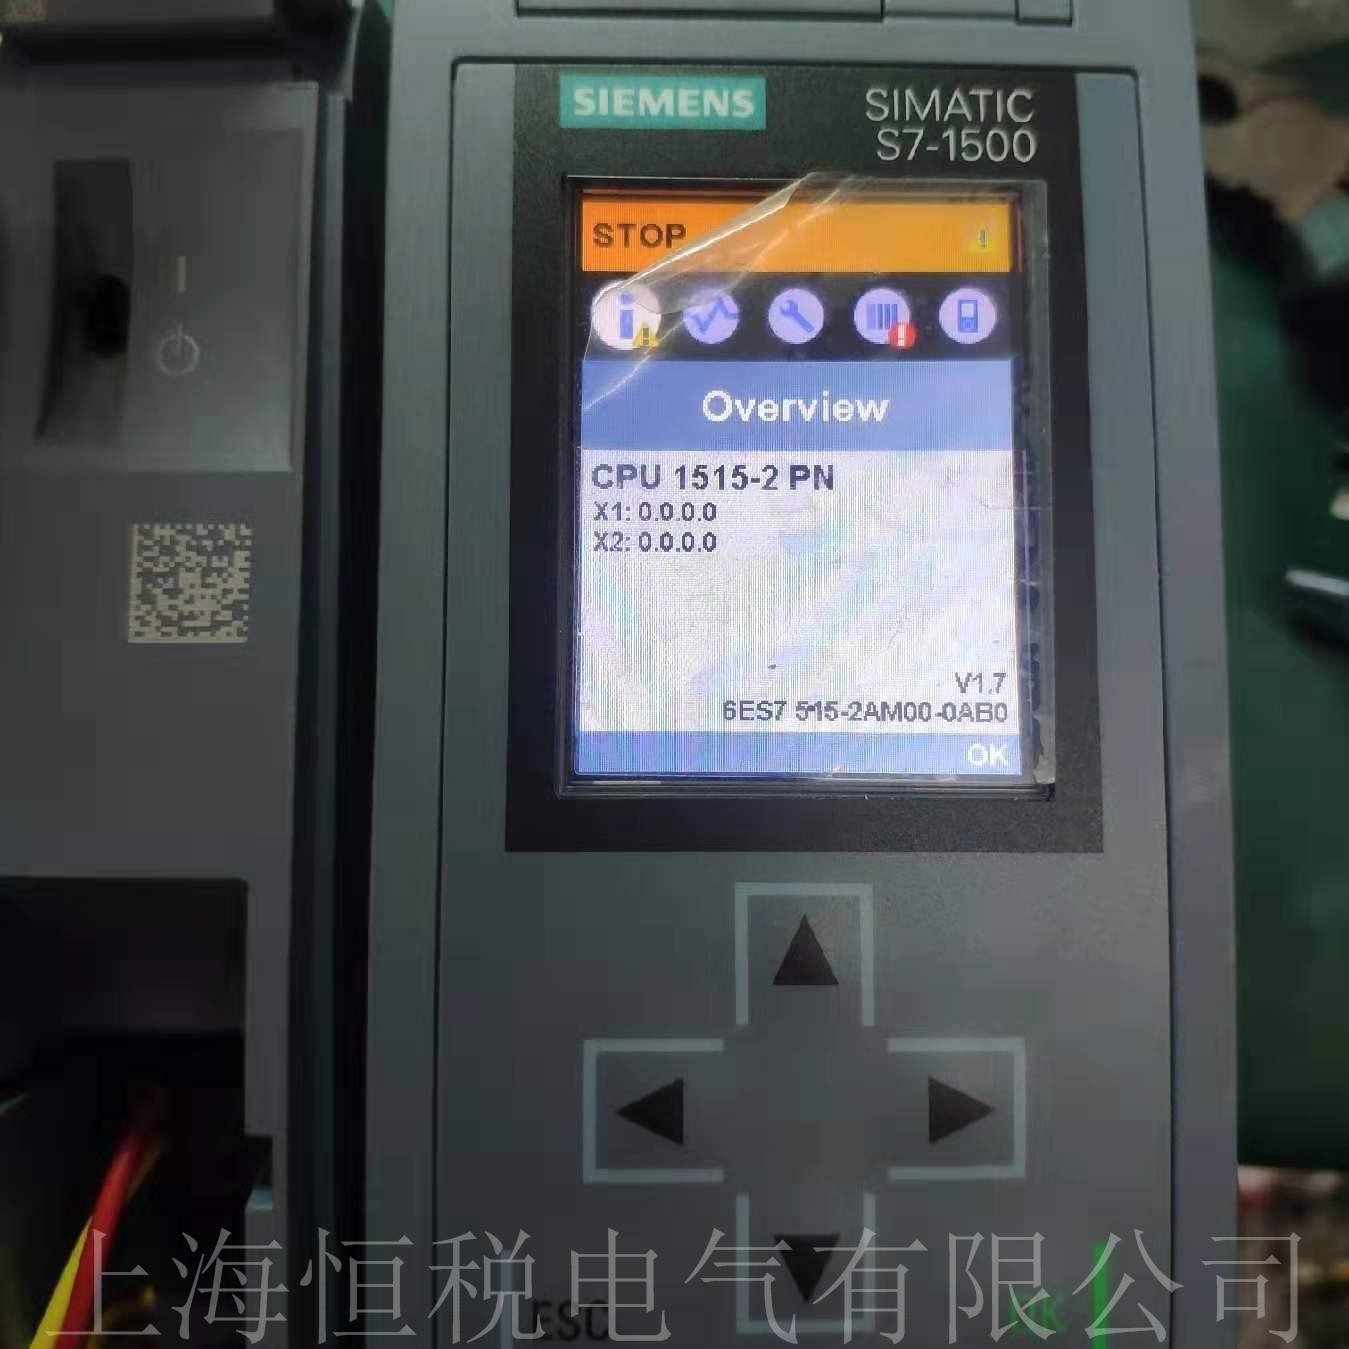 西门子CPU412开机所有灯全亮/全闪烁修复